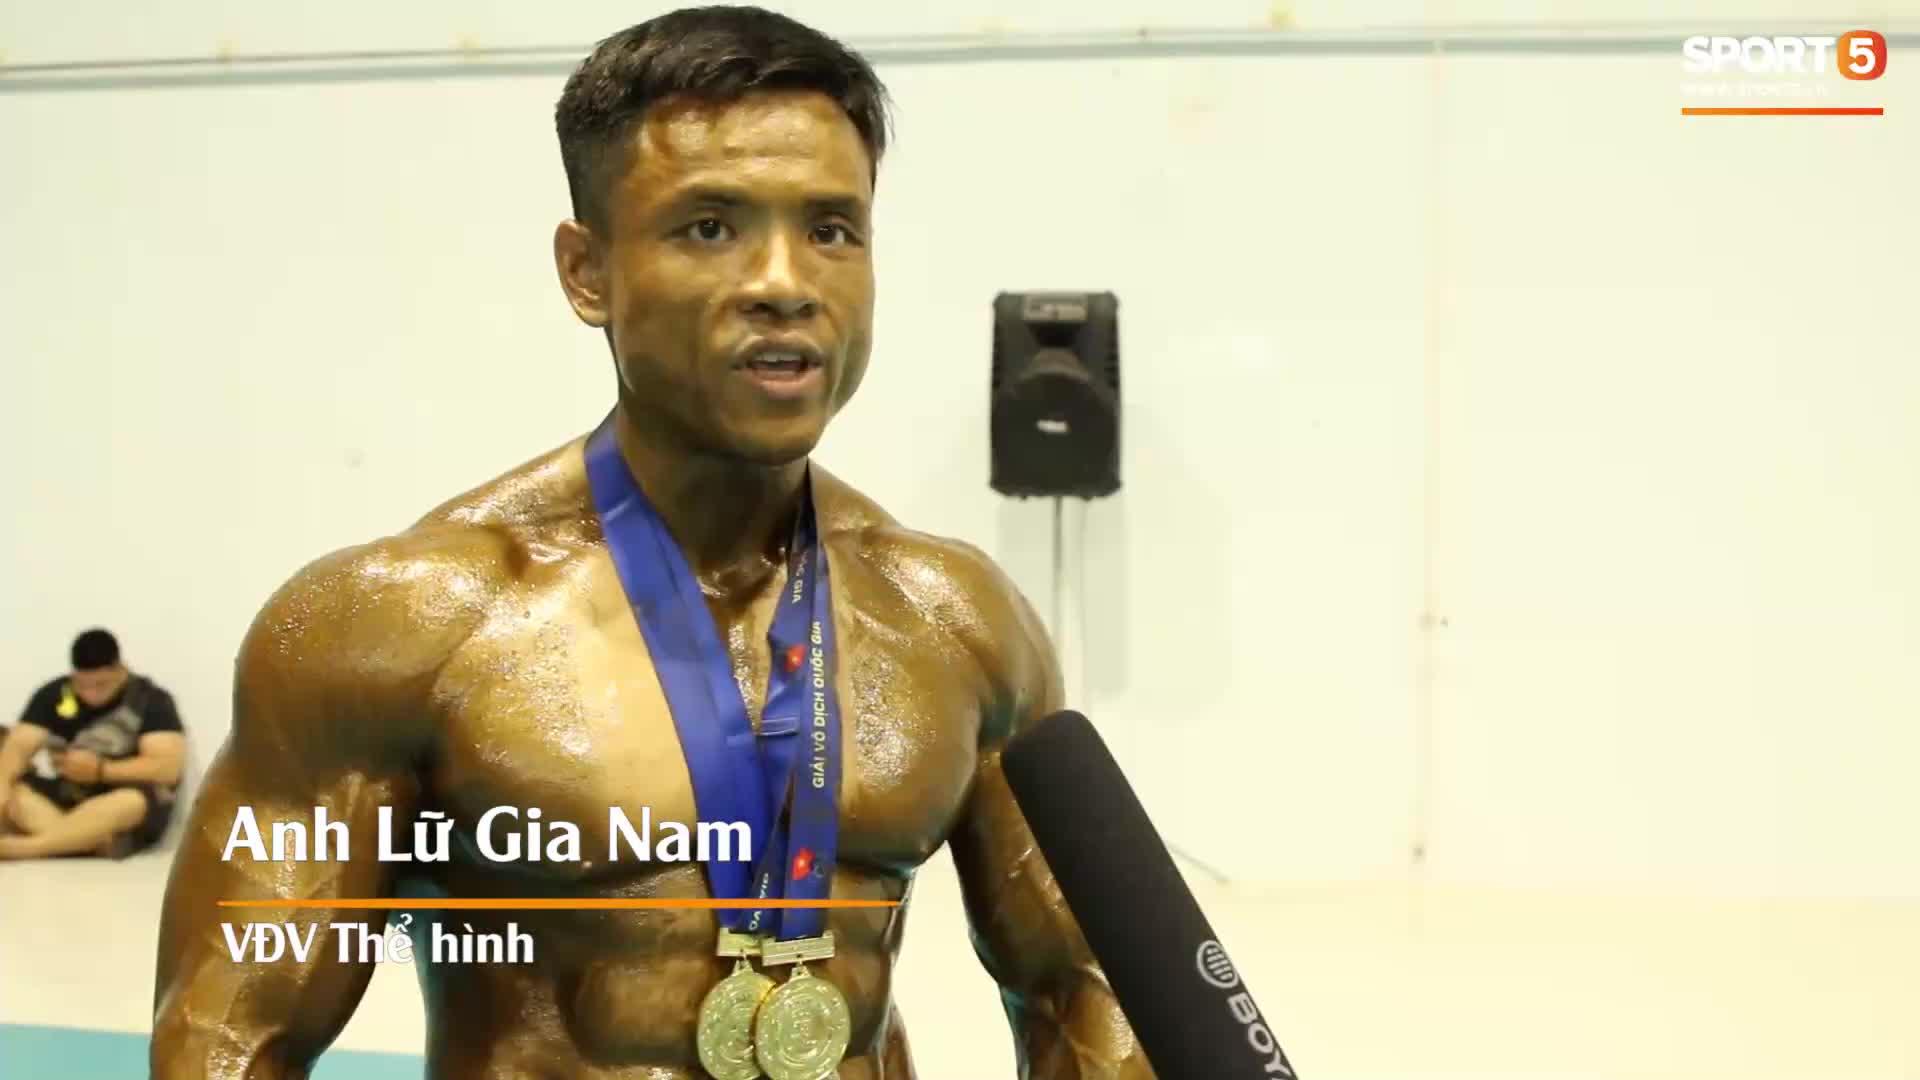 VĐV từng nặng 146 kg nói gì sau khi chiến thắng tuyệt đối tại Giải thể hình vô địch Quốc gia?